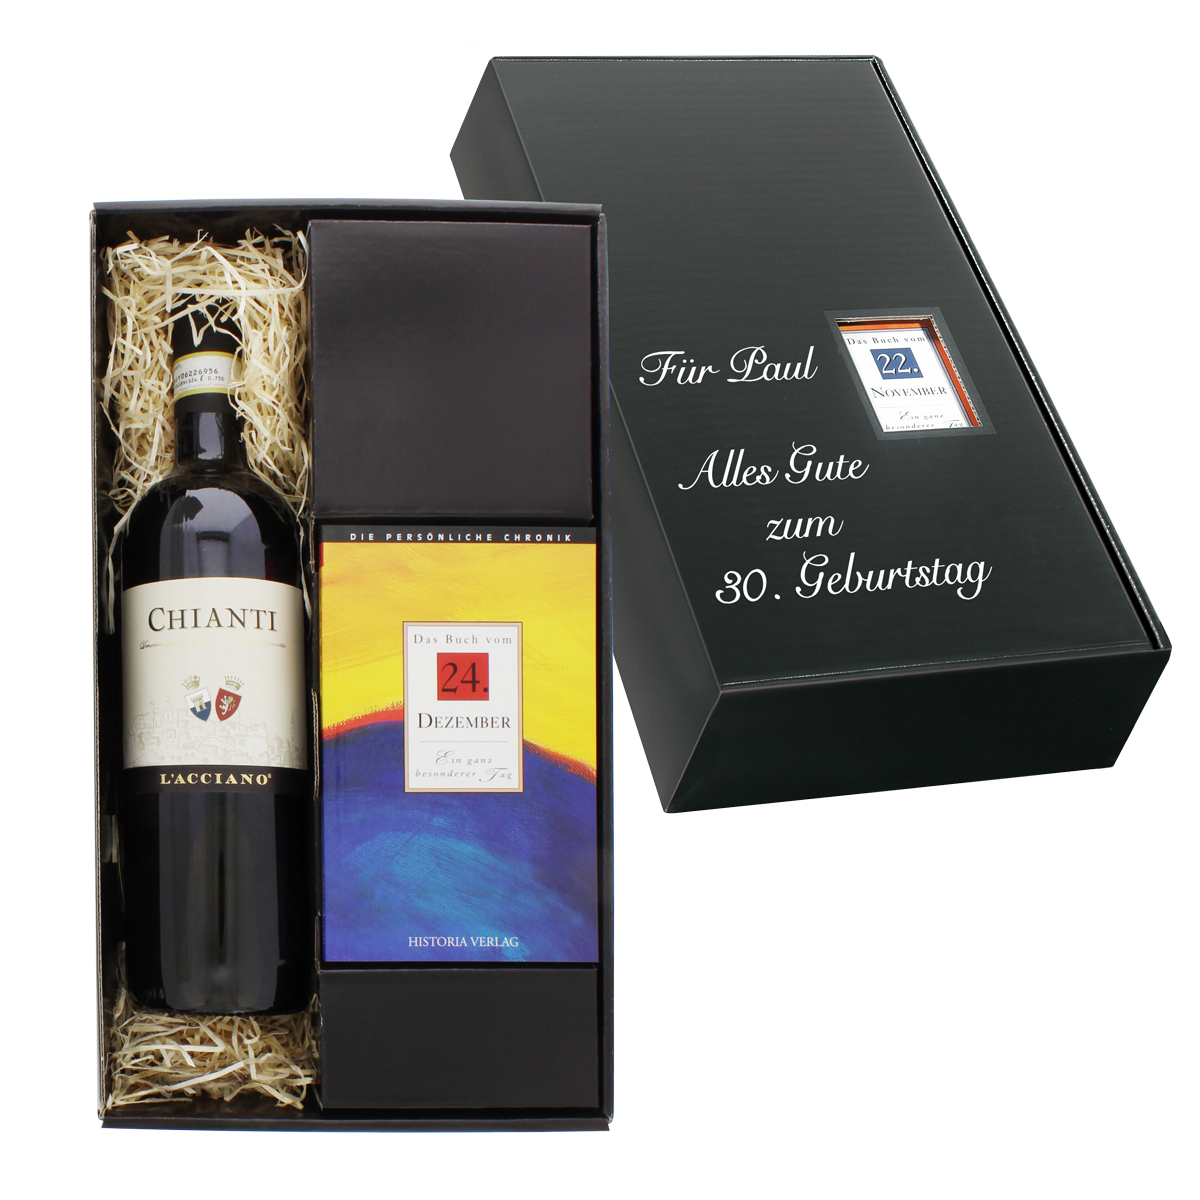 Italien-Set: Tageschronik vom 12. Juni & Chianti-Wein